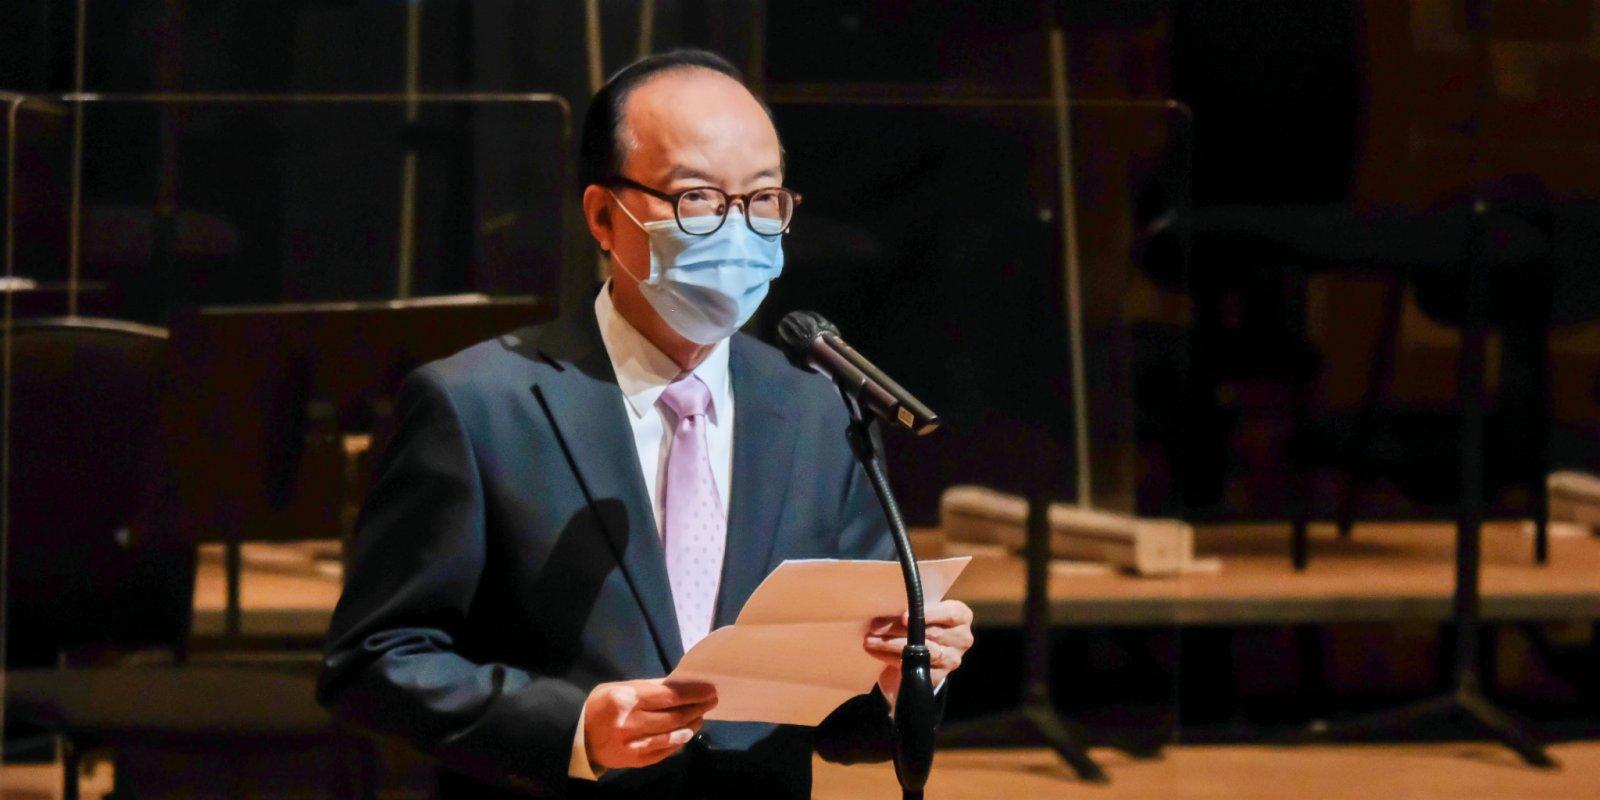 馬逢國歡迎政府購東京奧運轉播權 未來視業界態度決定